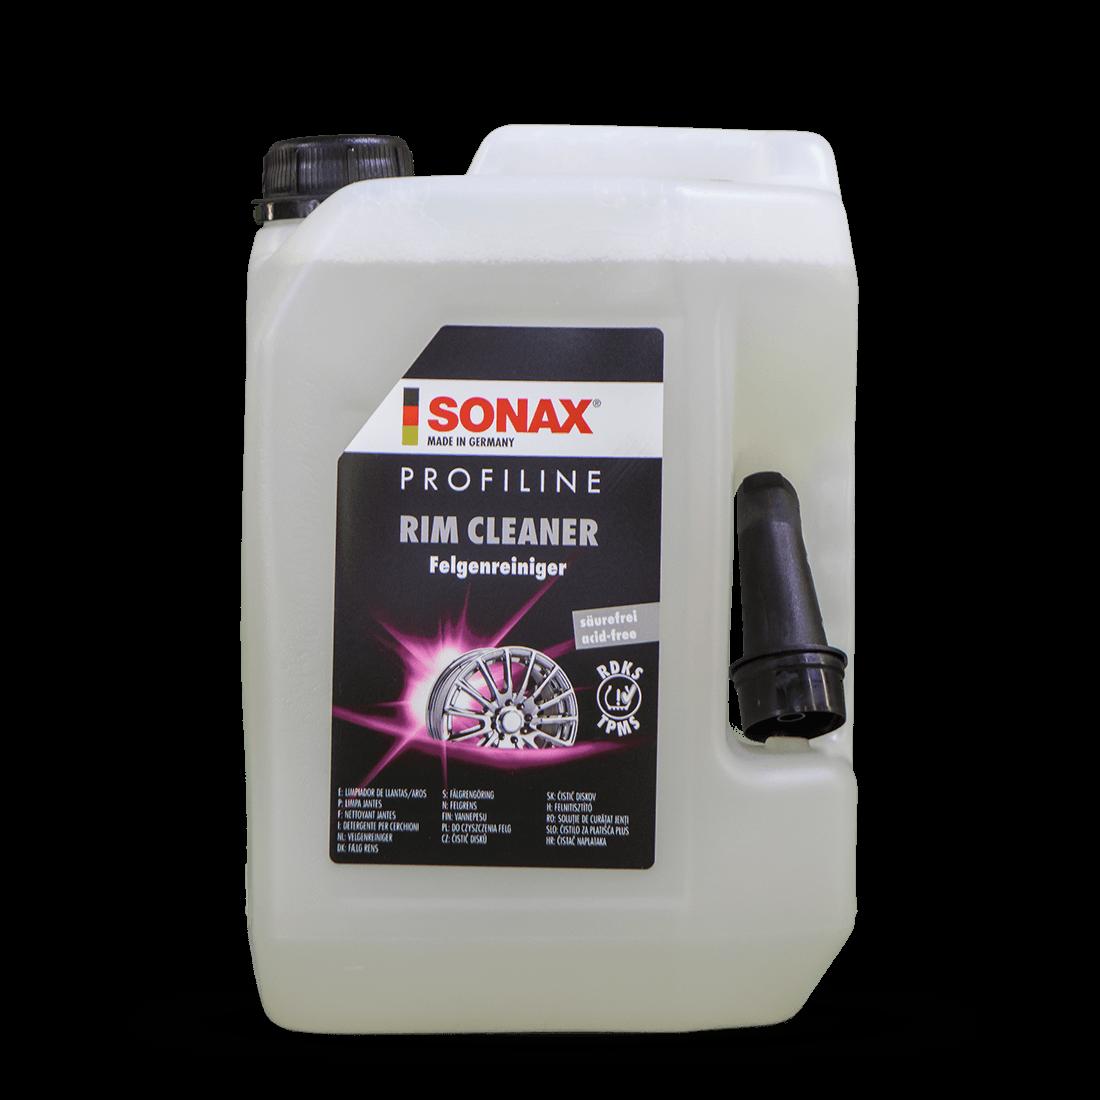 SONAX 02305000 Profiline FelgenReiniger säurefrei 5 Liter